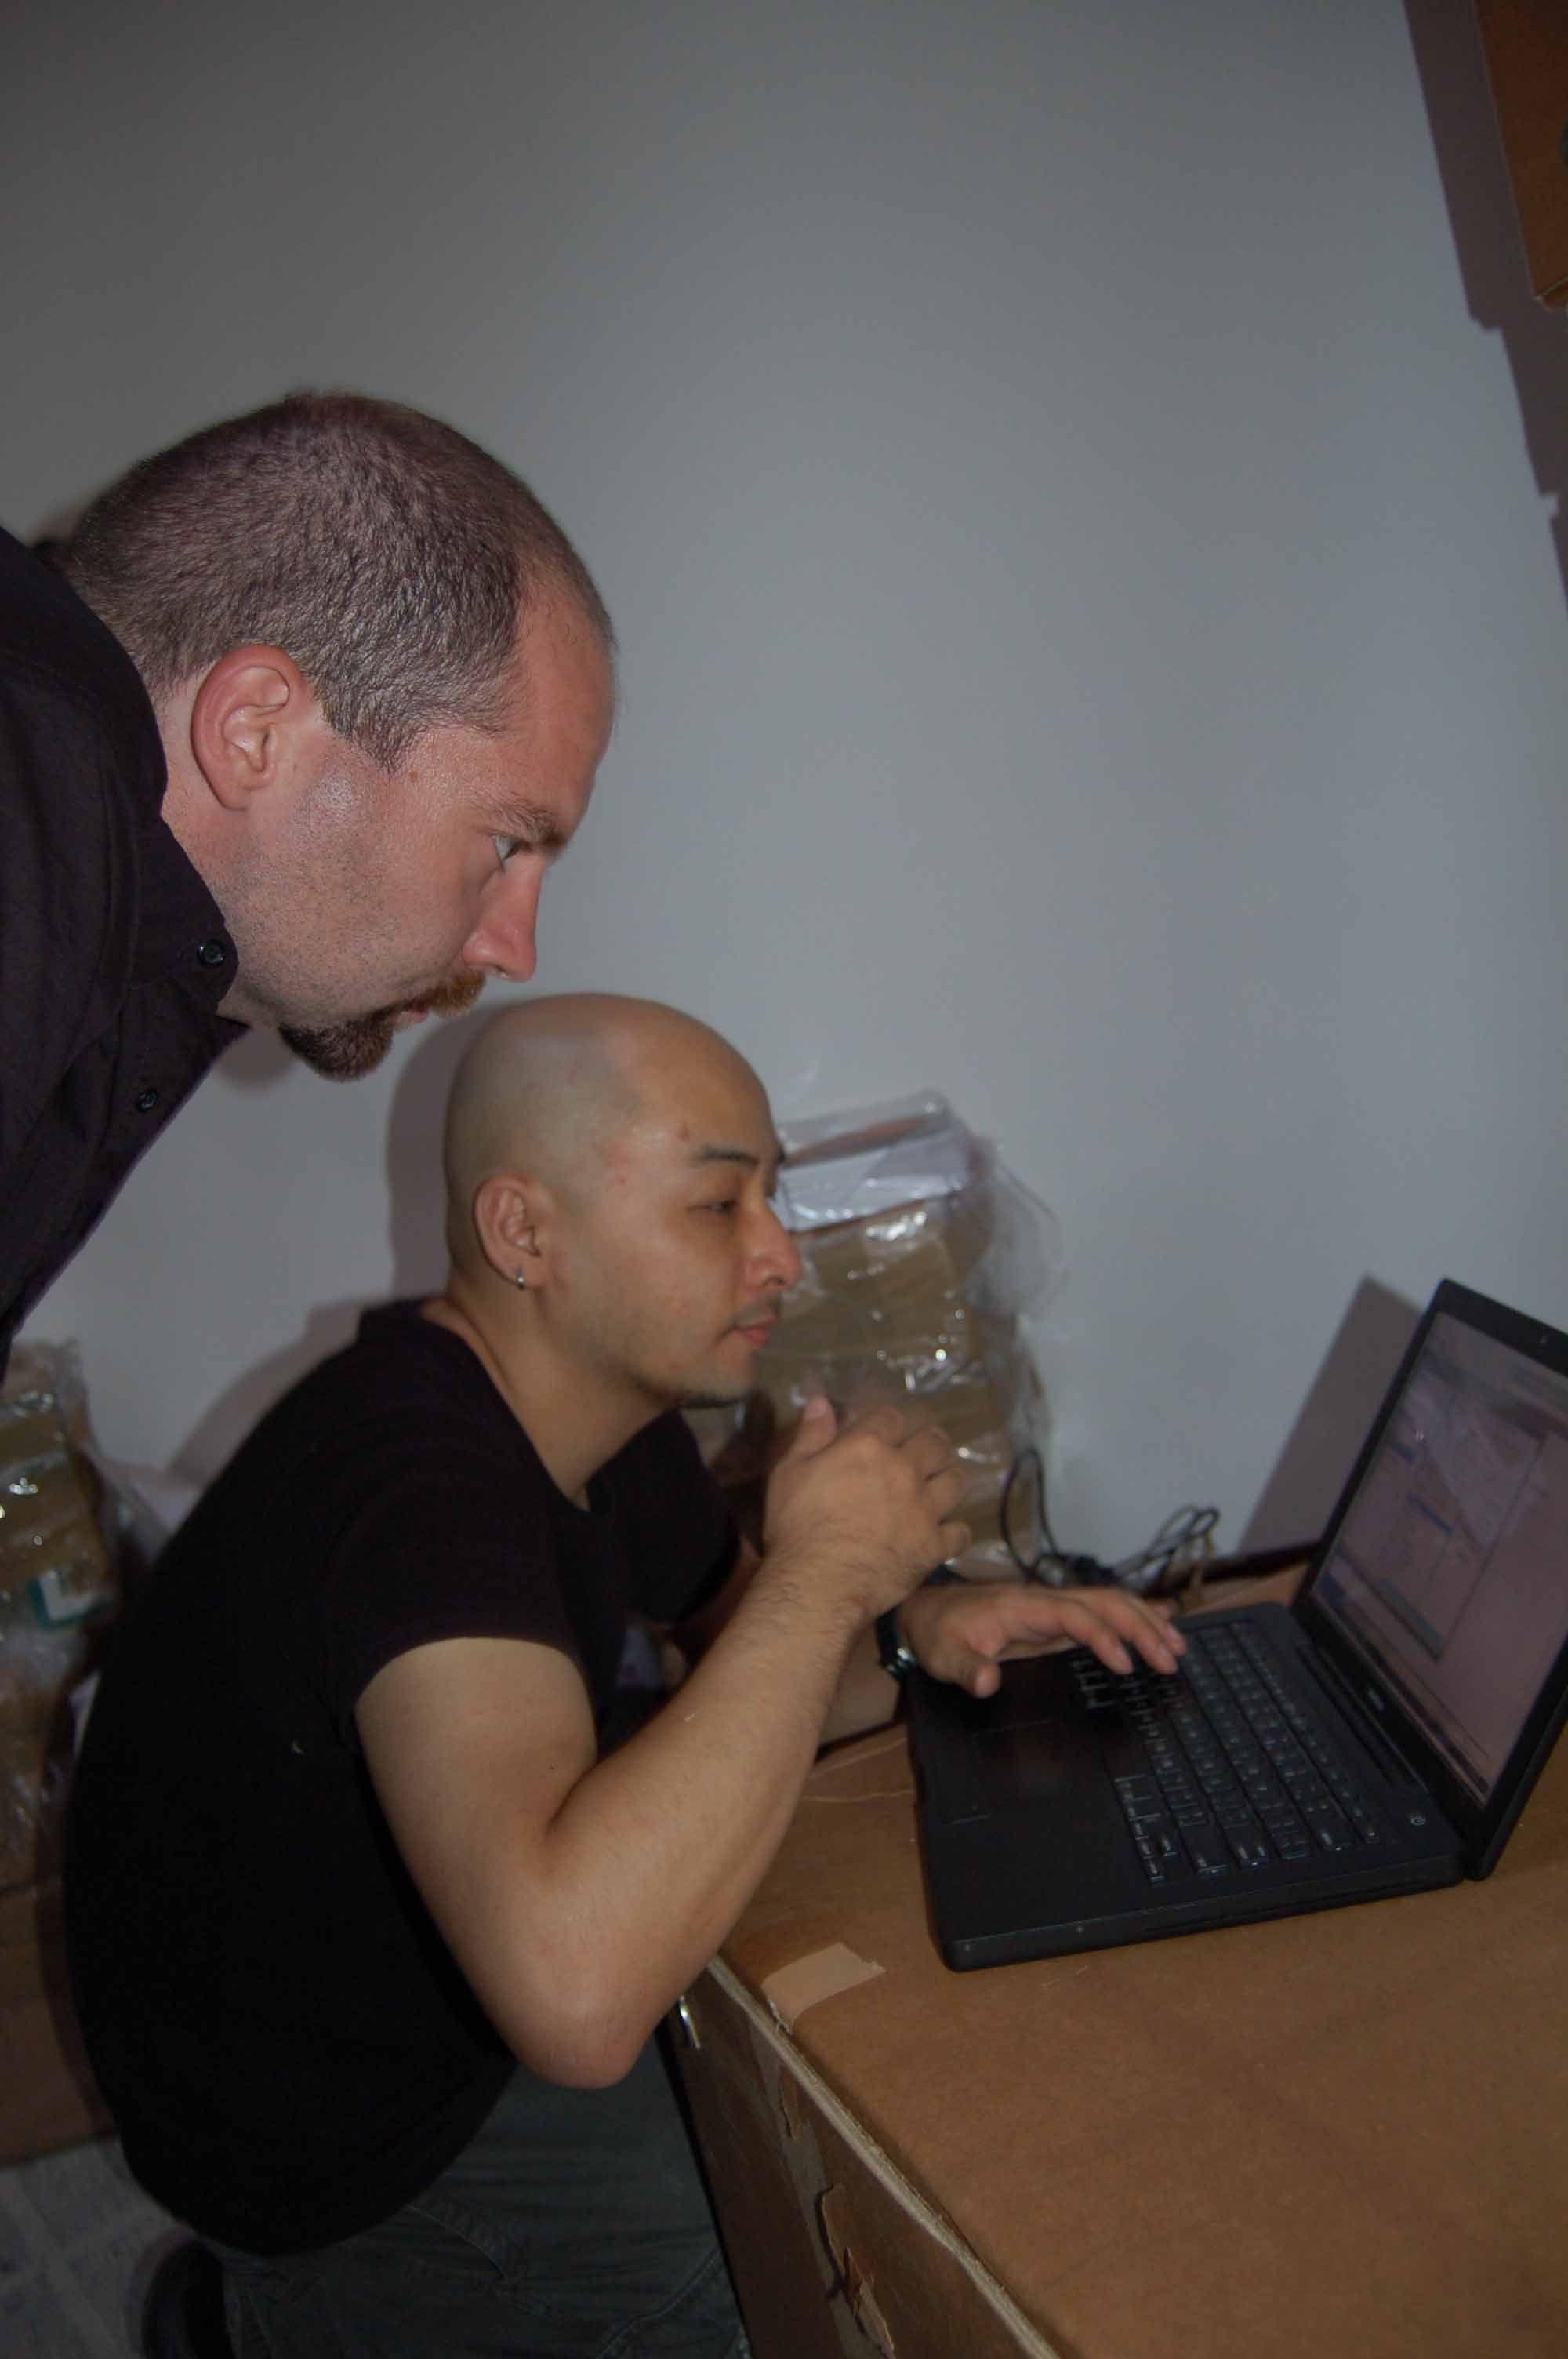 akos_sota-and-the-monitor.jpg